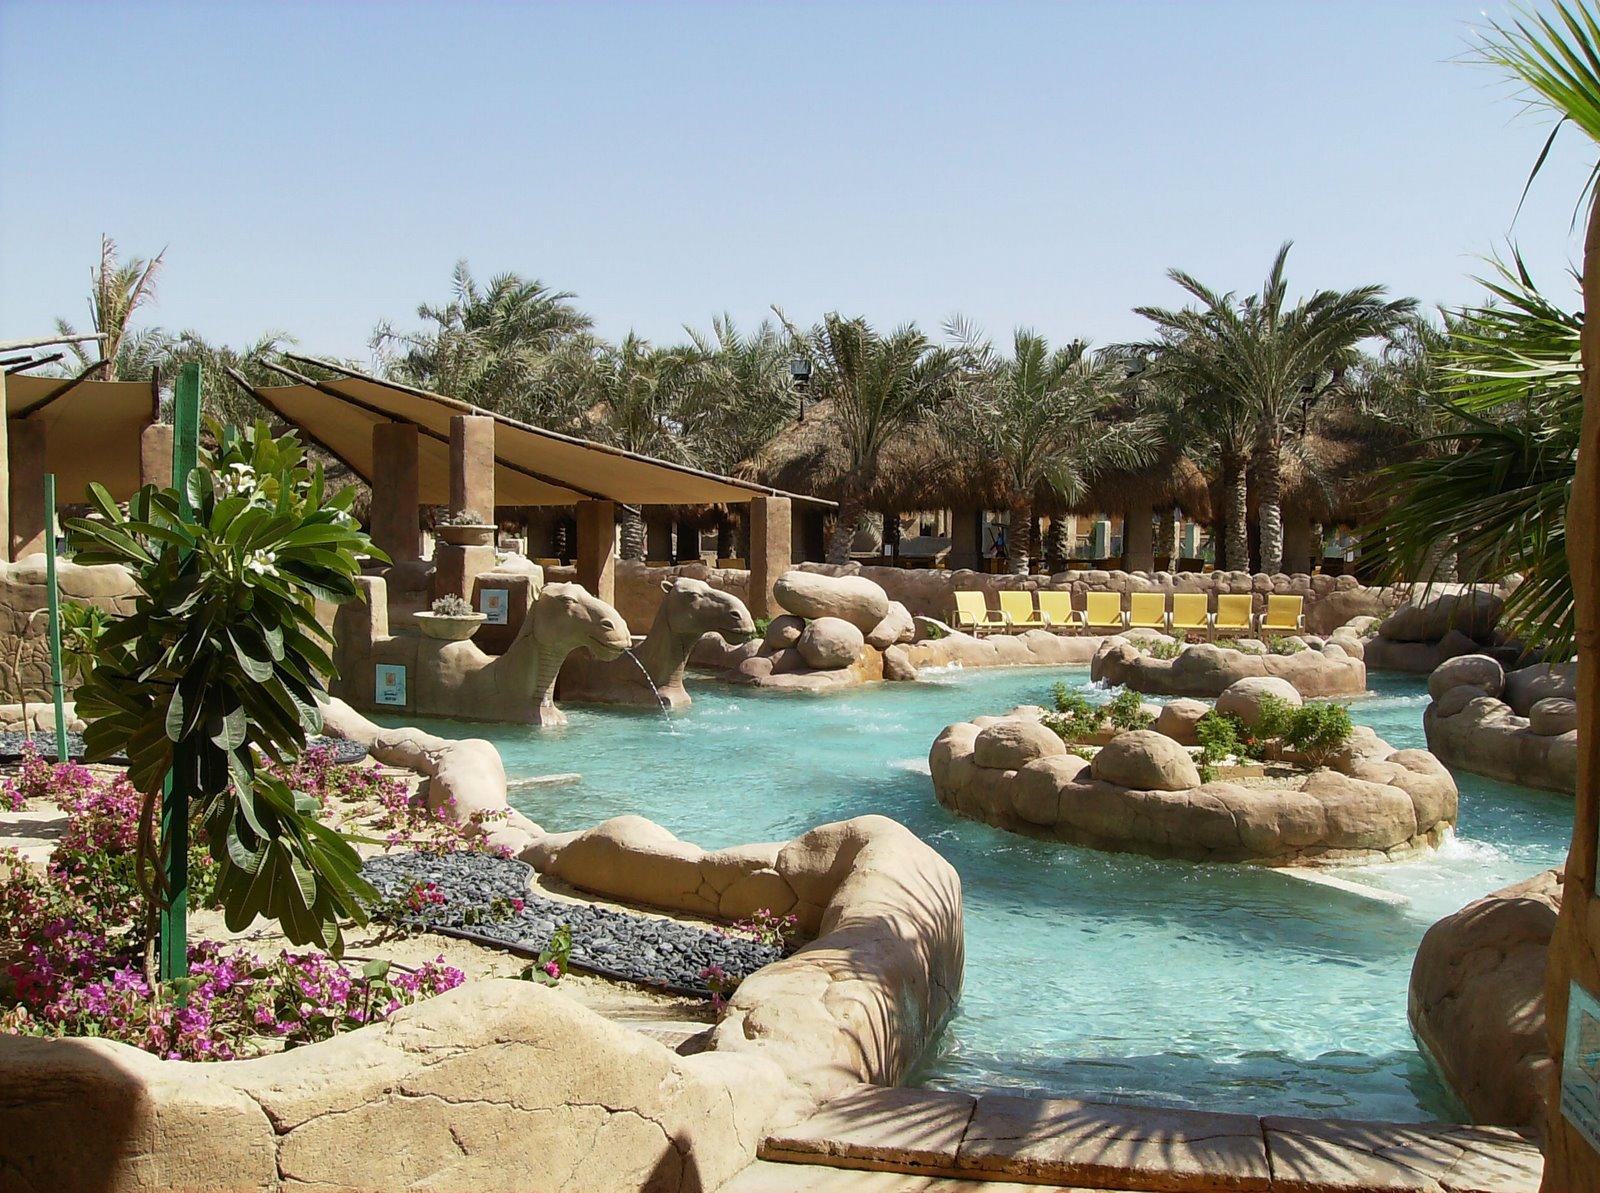 محافظ القاهرة يقرر غلق جميع الحدائق والمتنزهات خلال شم النسيم